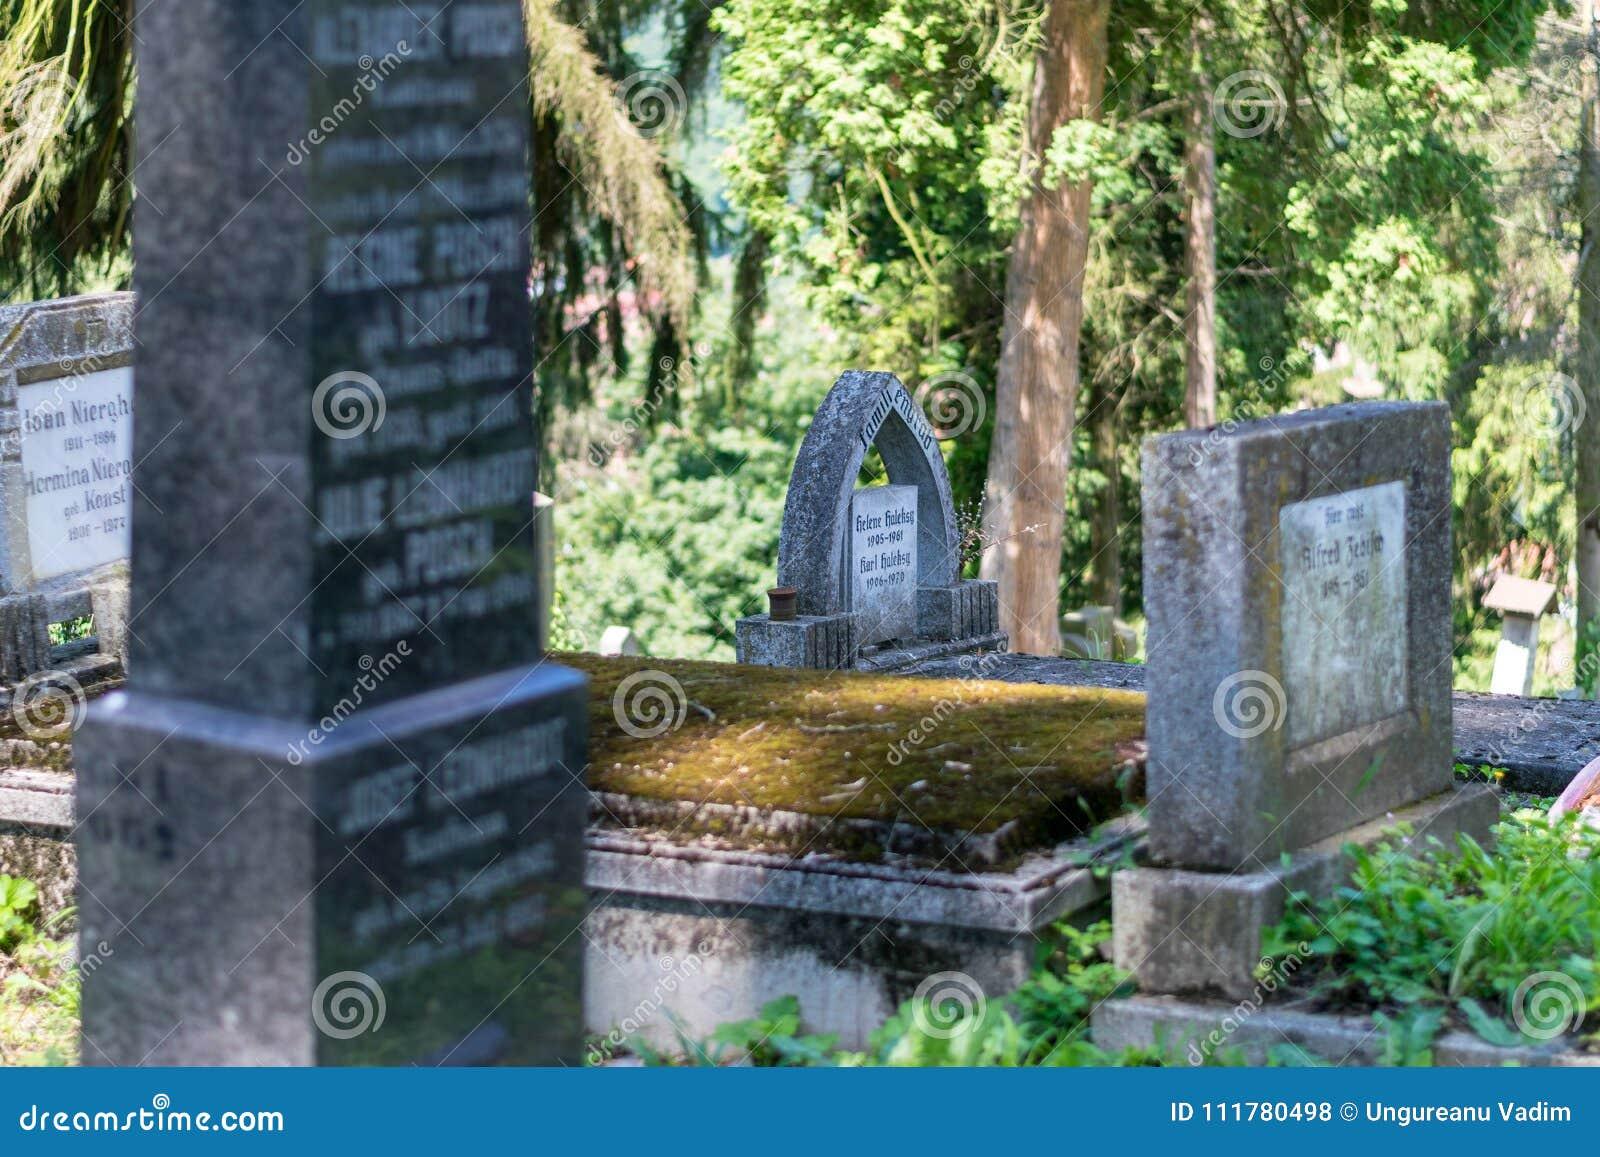 SIGHISOARA, RUMÄNIEN - 1. JULI 2016: Sächsischer Kirchhof, gelegen nahe bei der Kirche auf dem Hügel in Sighisoara, Rumänien